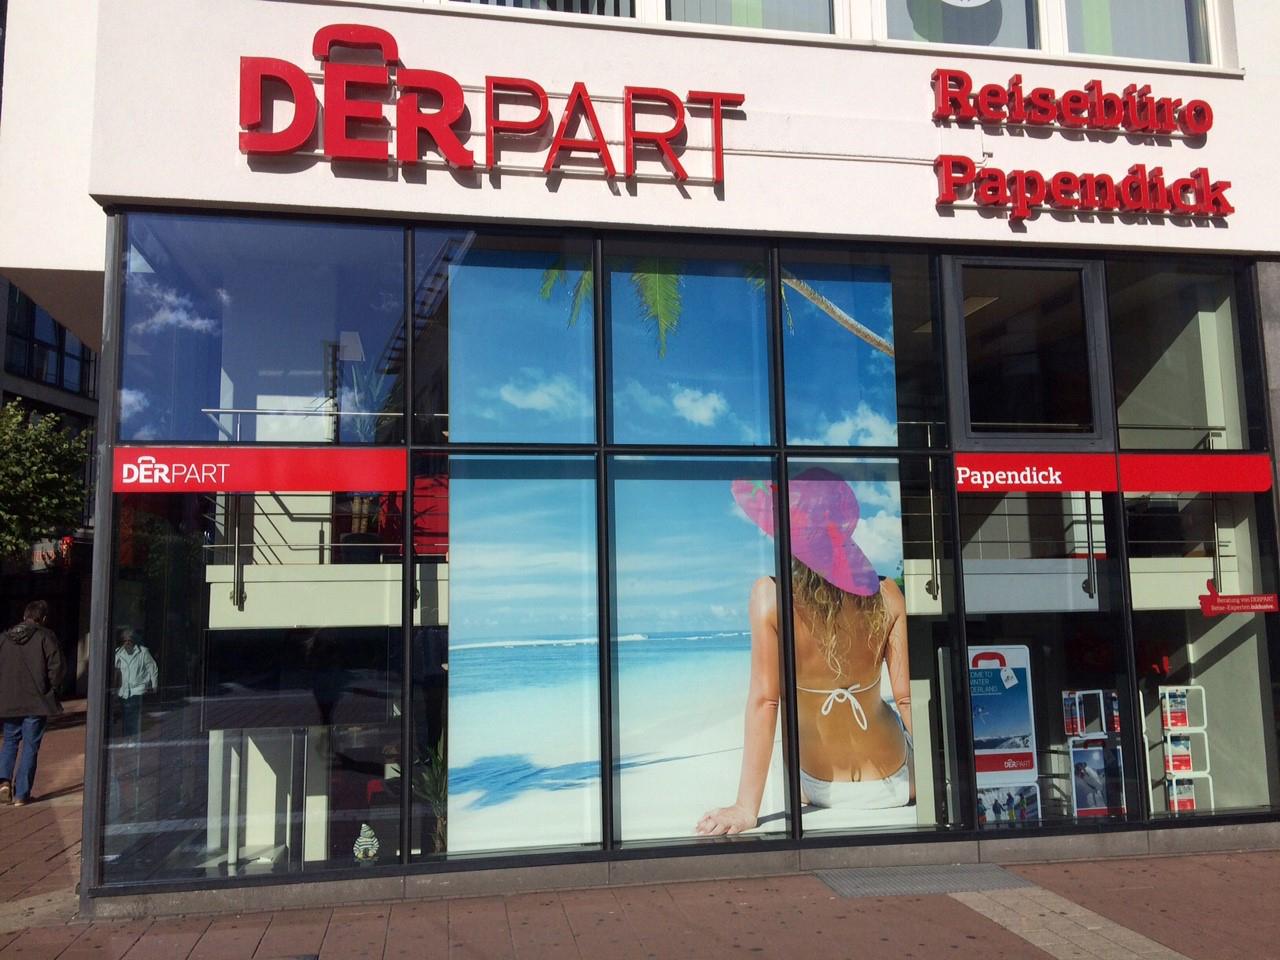 Das Bild zeigt die Glasfront des Reisebüros Papendick  in Siegburg am Bahnhof